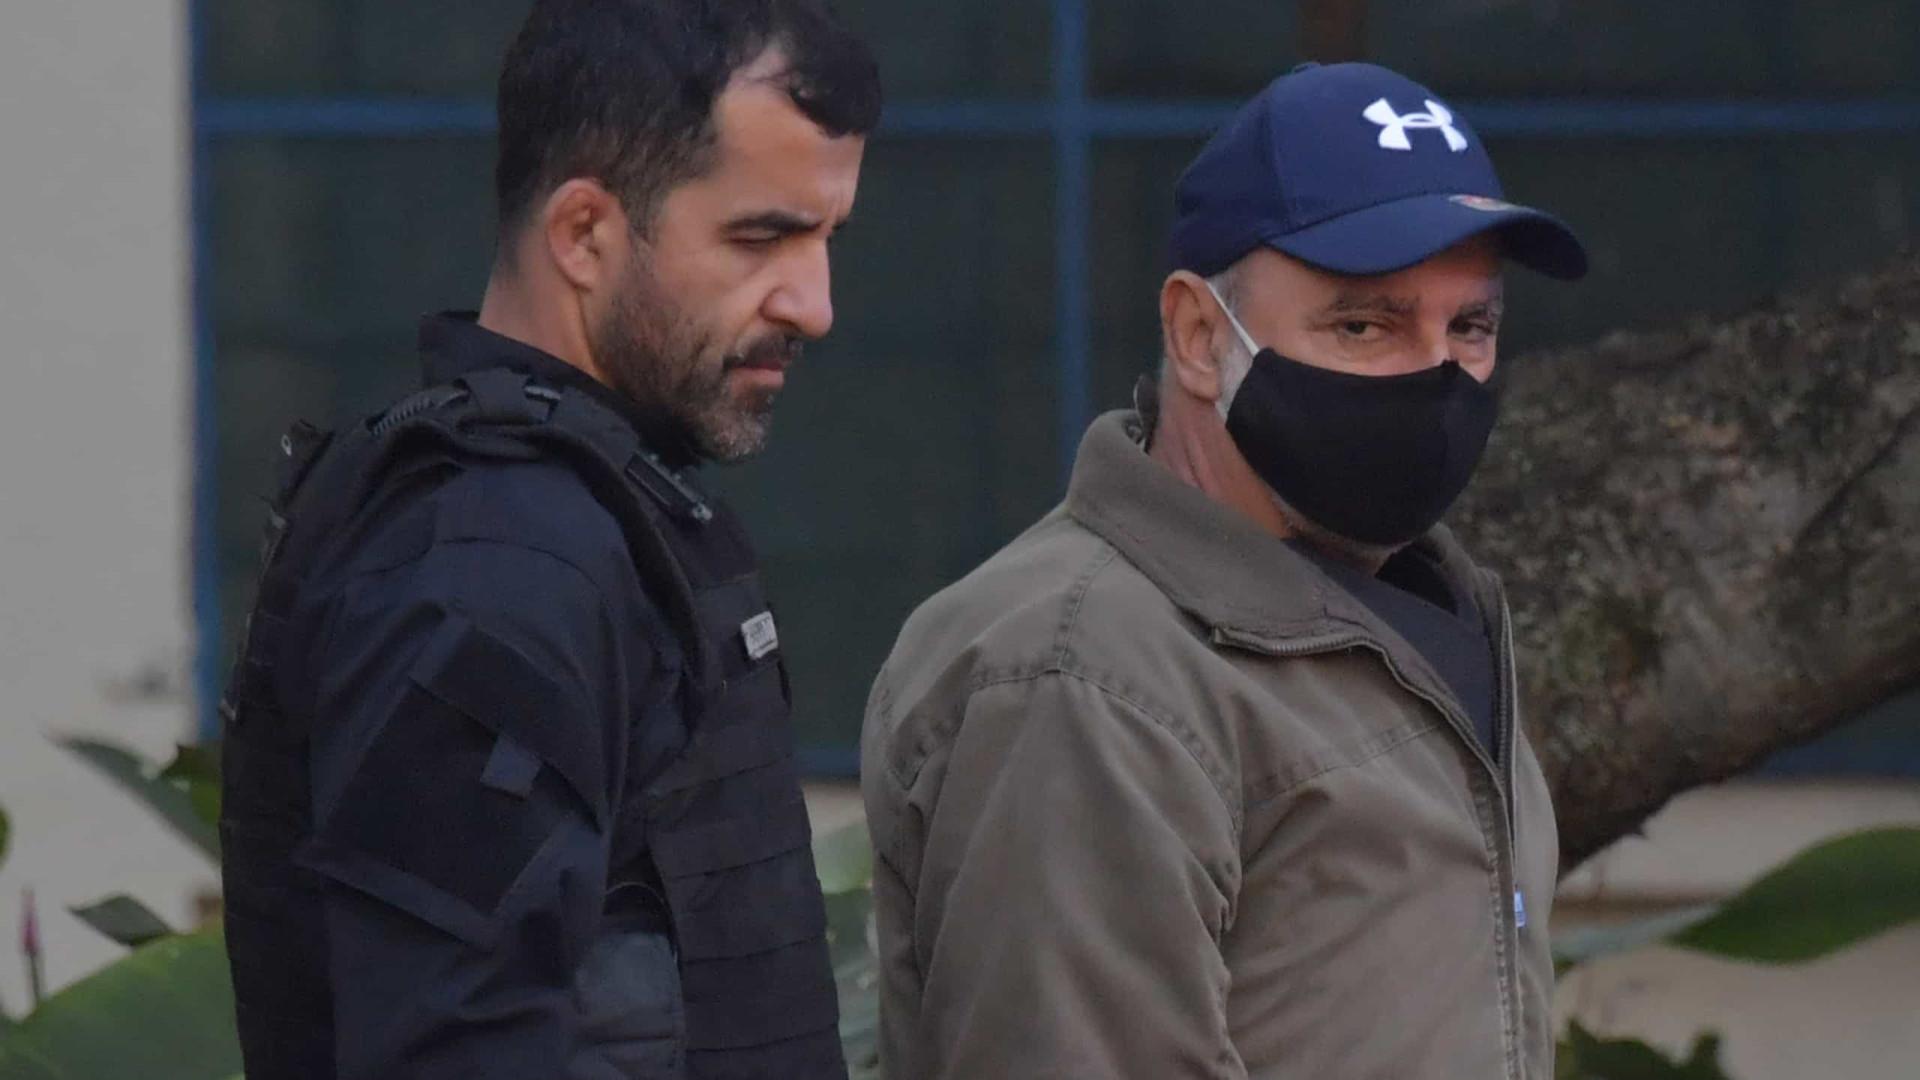 STJ relaxa prisão, mas decisão do STF mantém Queiroz em domiciliar